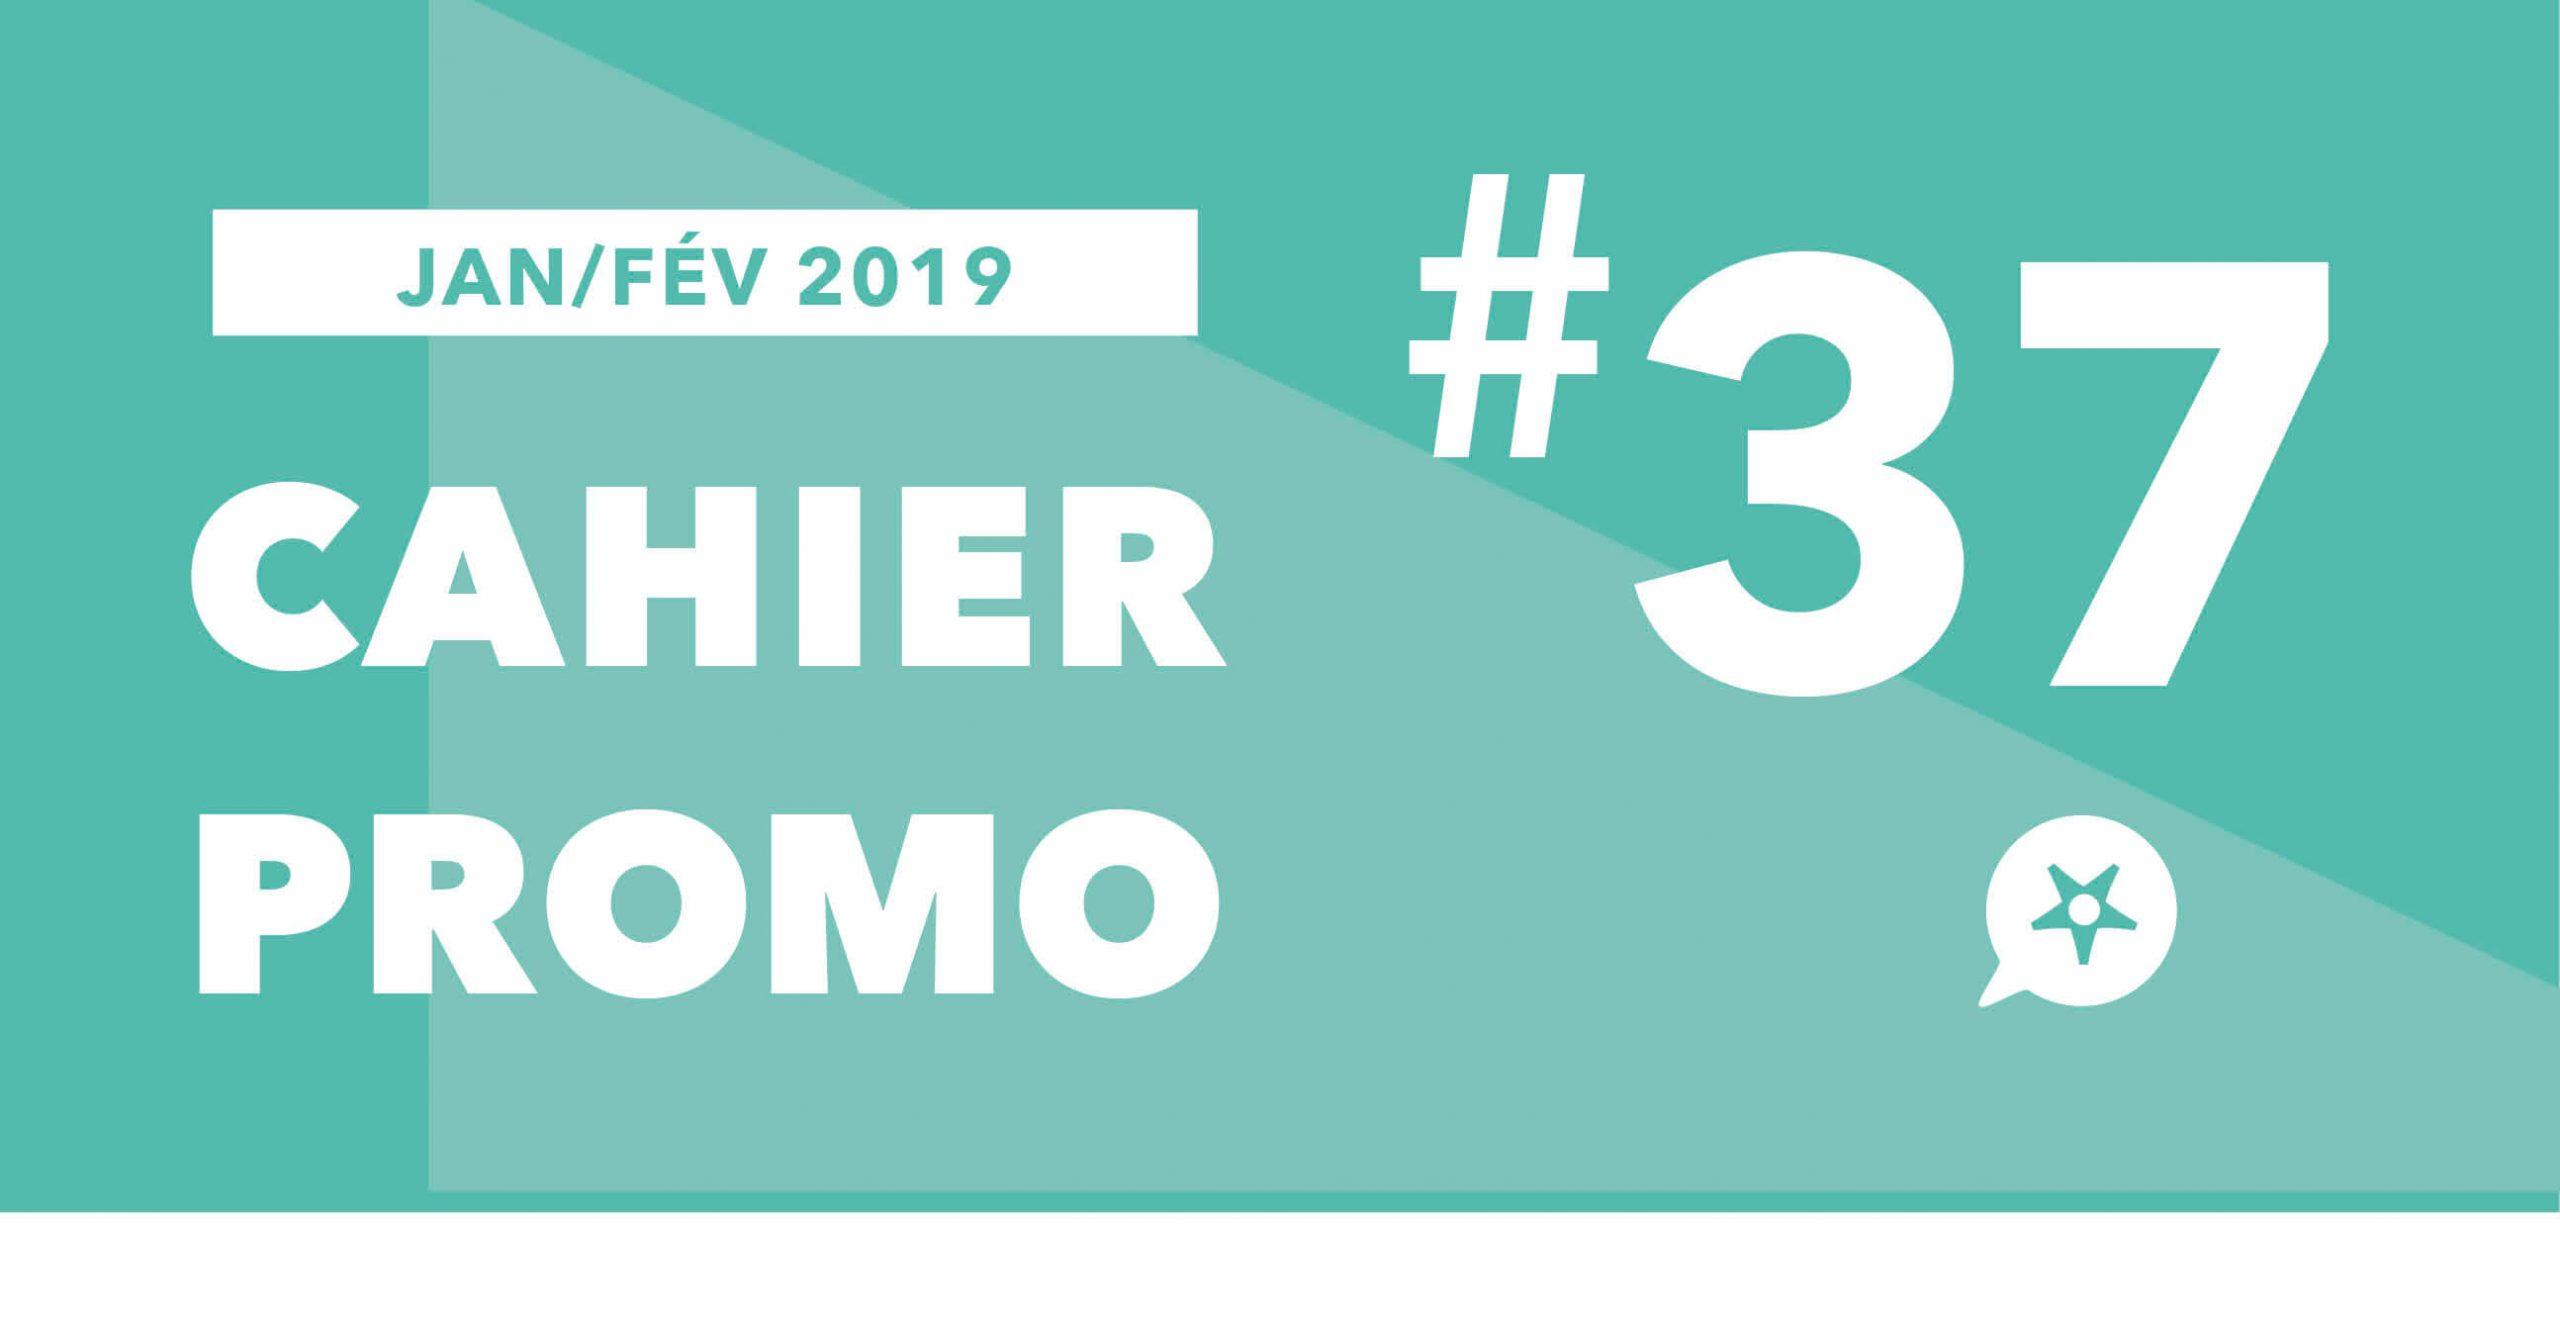 CAHIER PROMO JANVIER FÉVRIER 2019